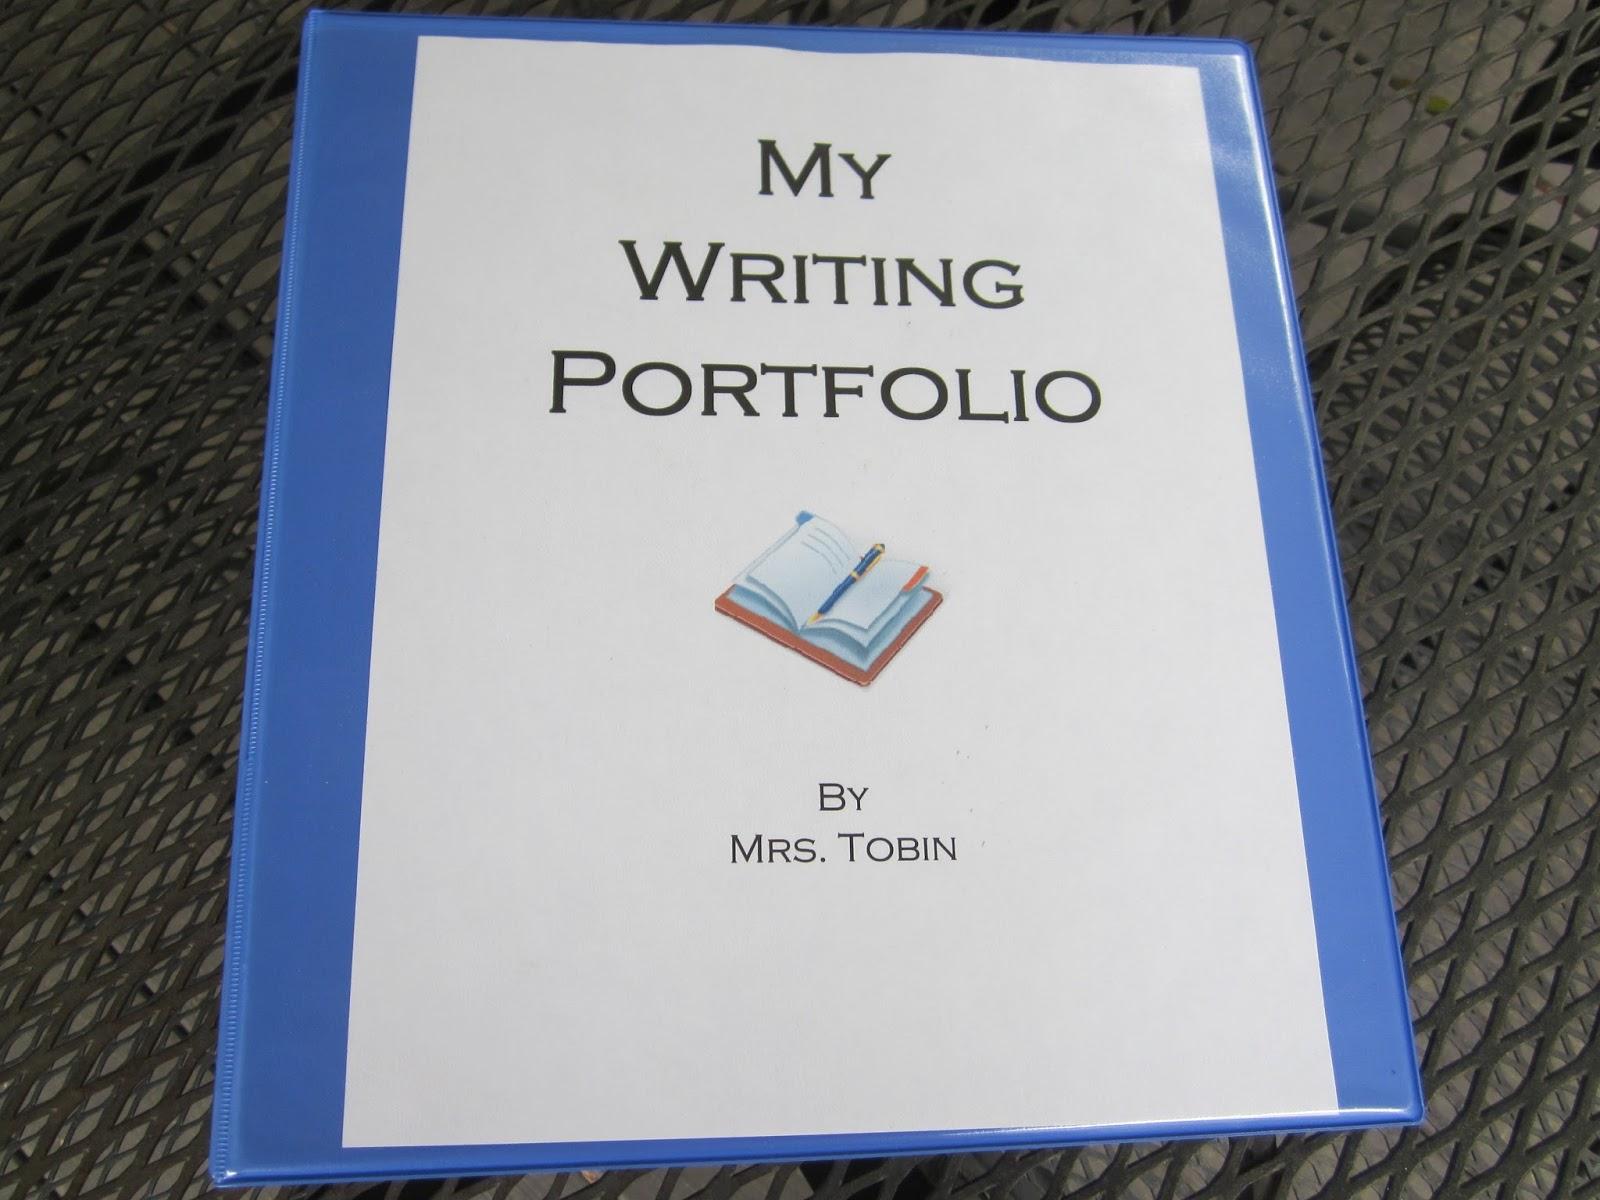 andrea s portfolio how to create a portfolio how to create a portfolio